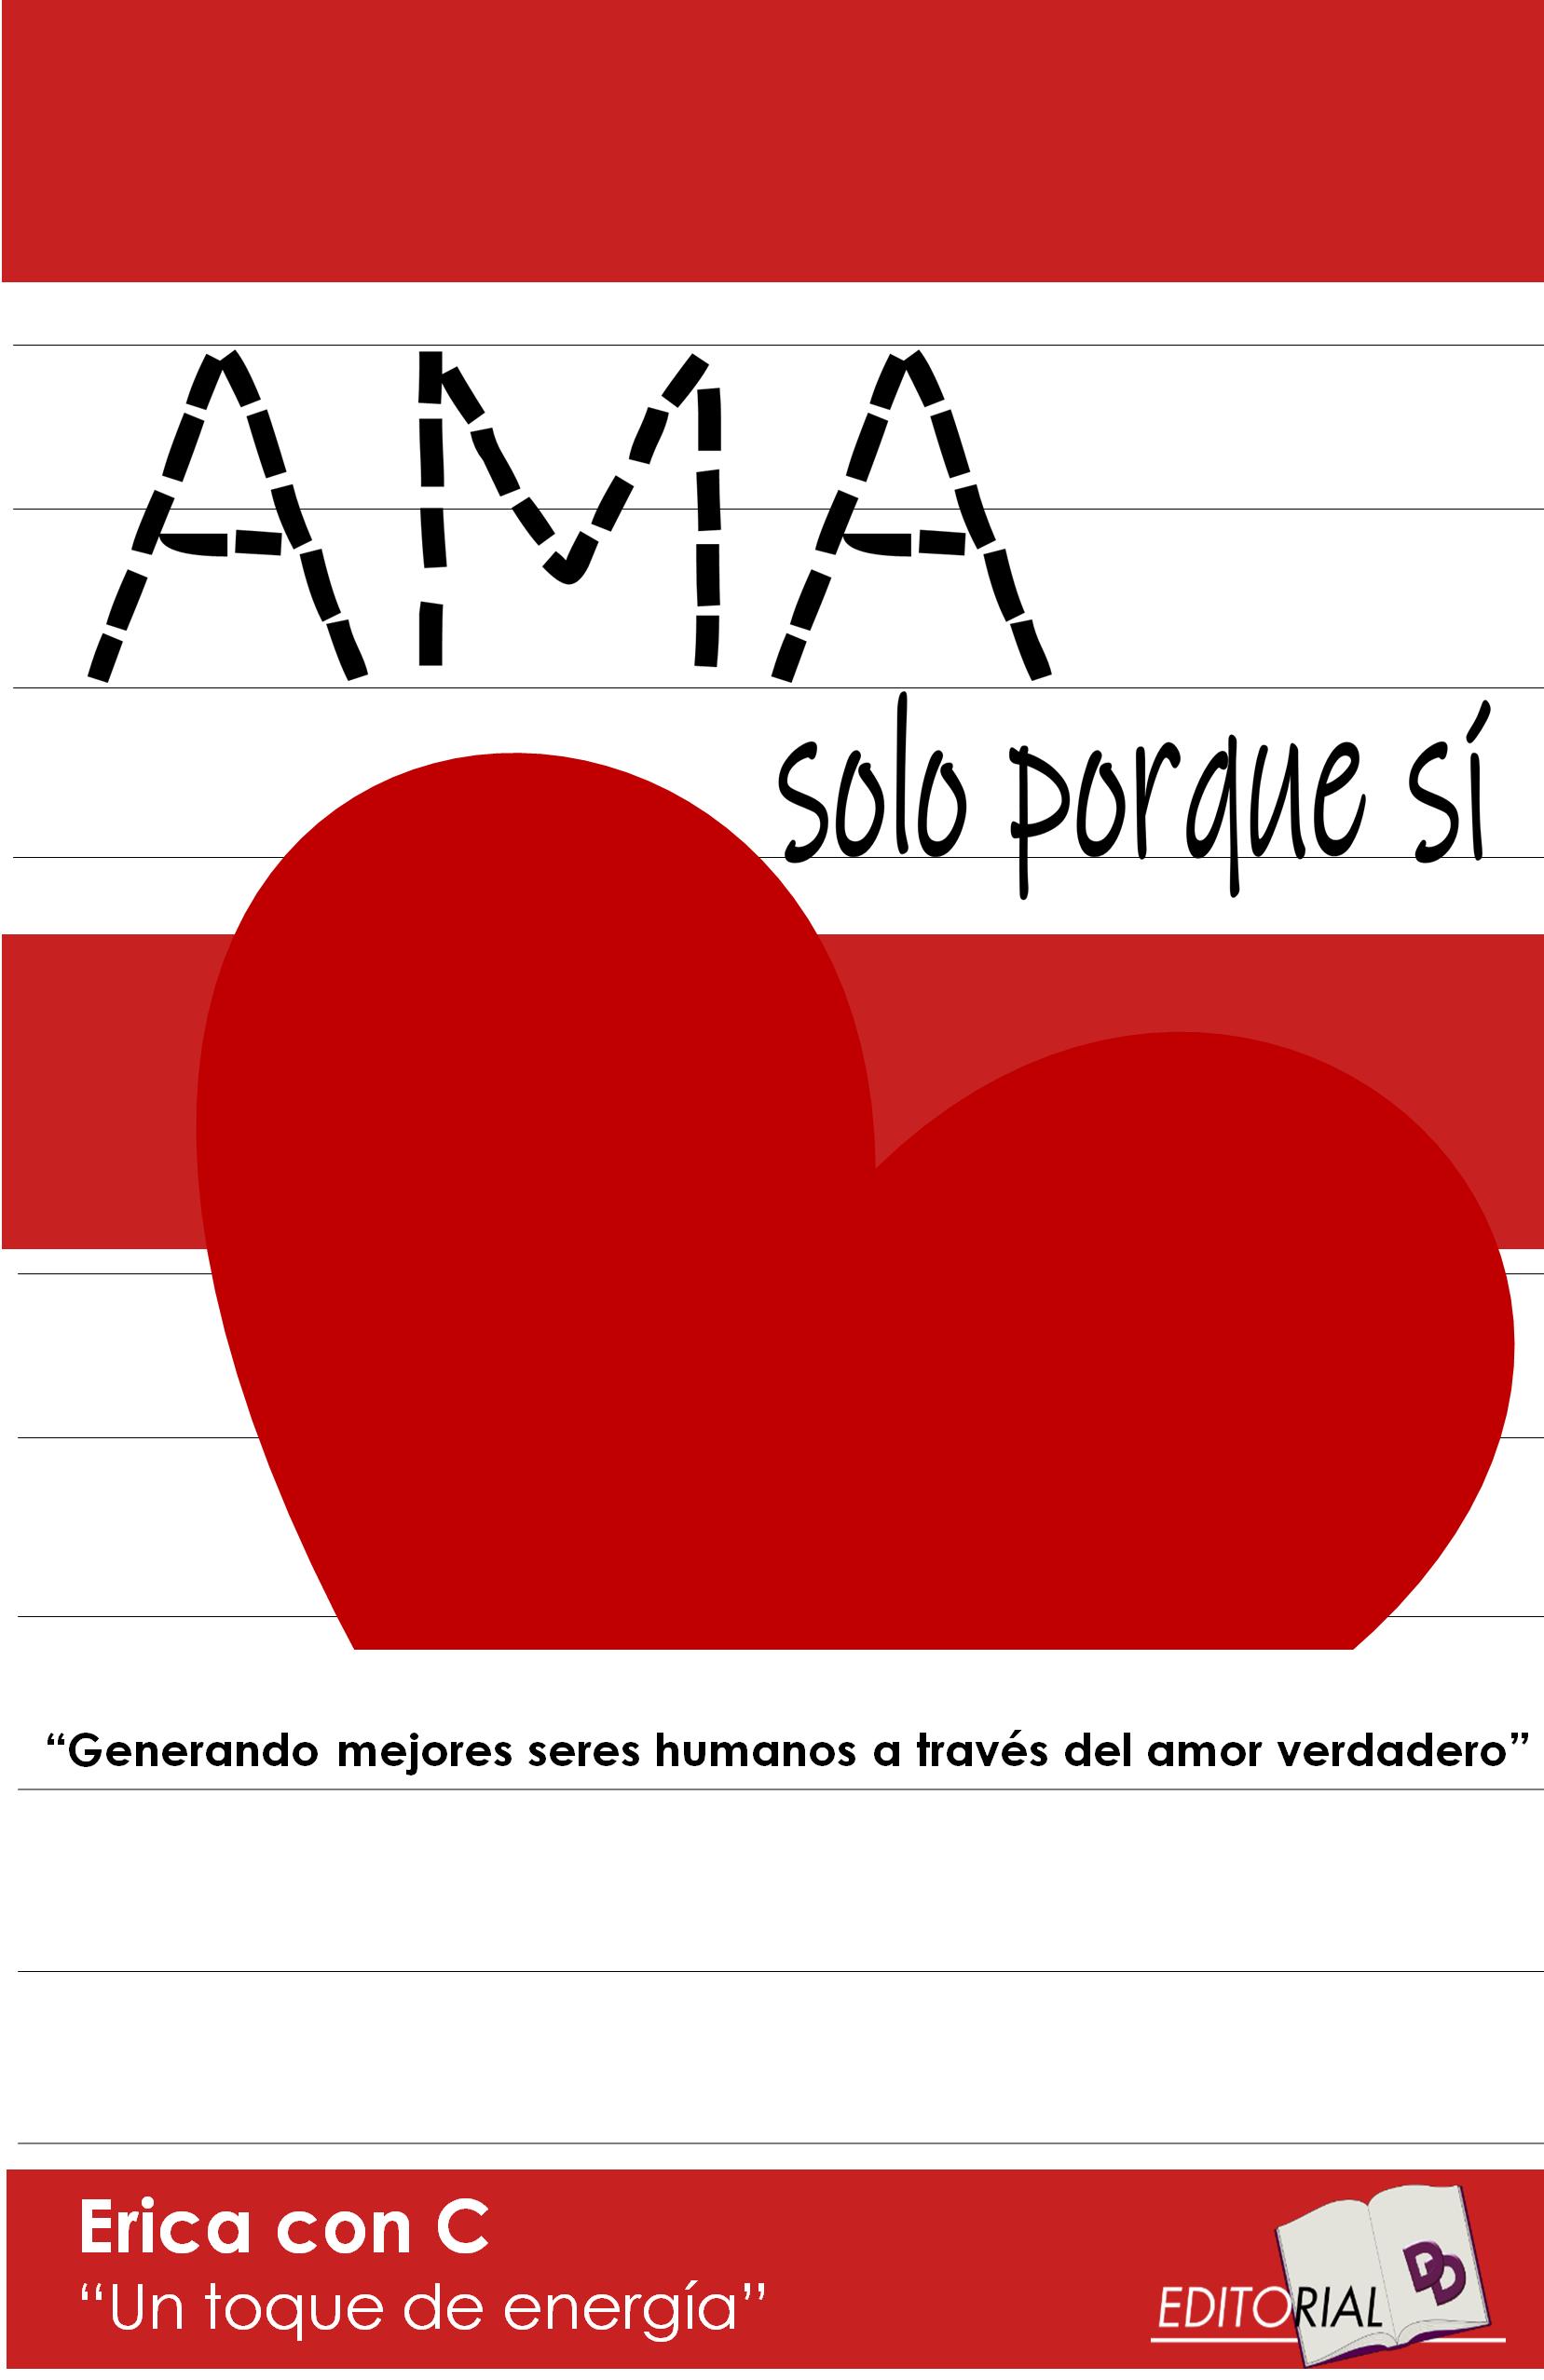 Libro-AmaSoloPorqueSi-FRENTE